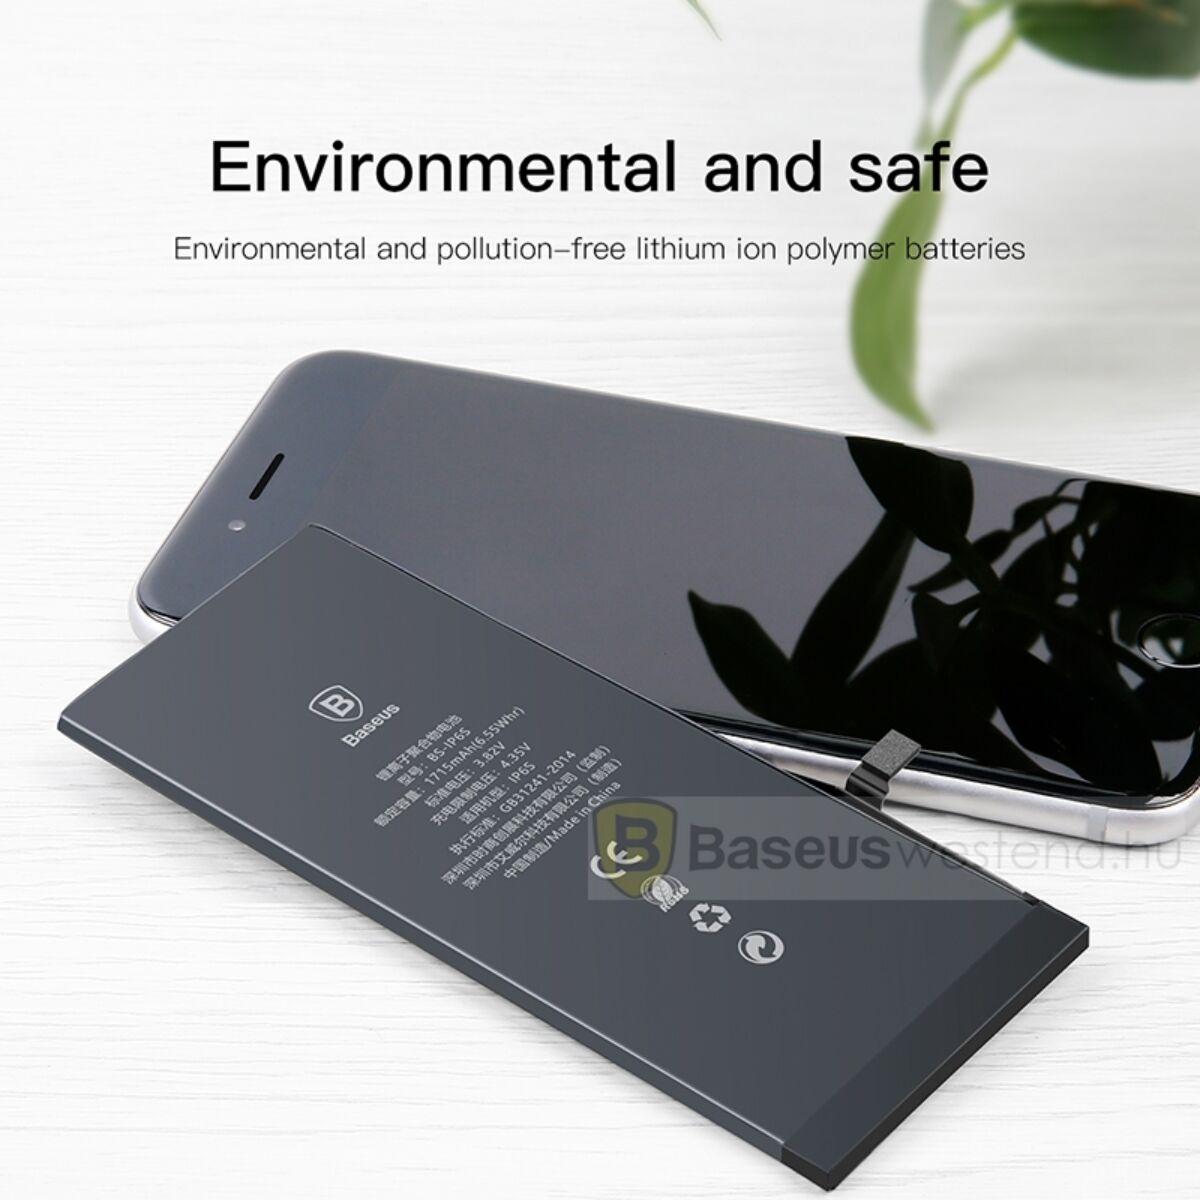 Baseus eredeti kapacitású akkumulátor iPhone 6s-hez, 1715 mAh (ACCB-AIP6S)